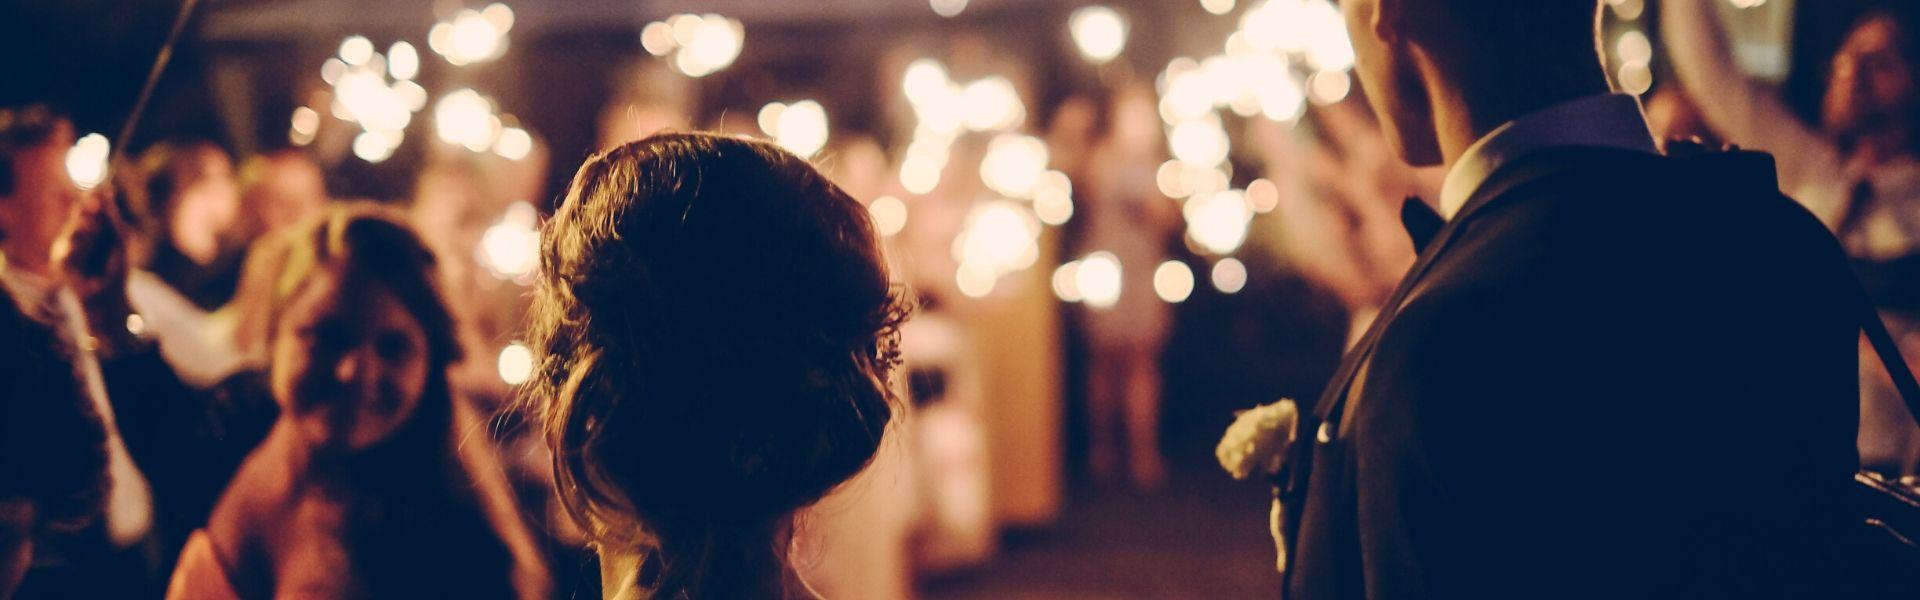 Adornos para boda al aire libre